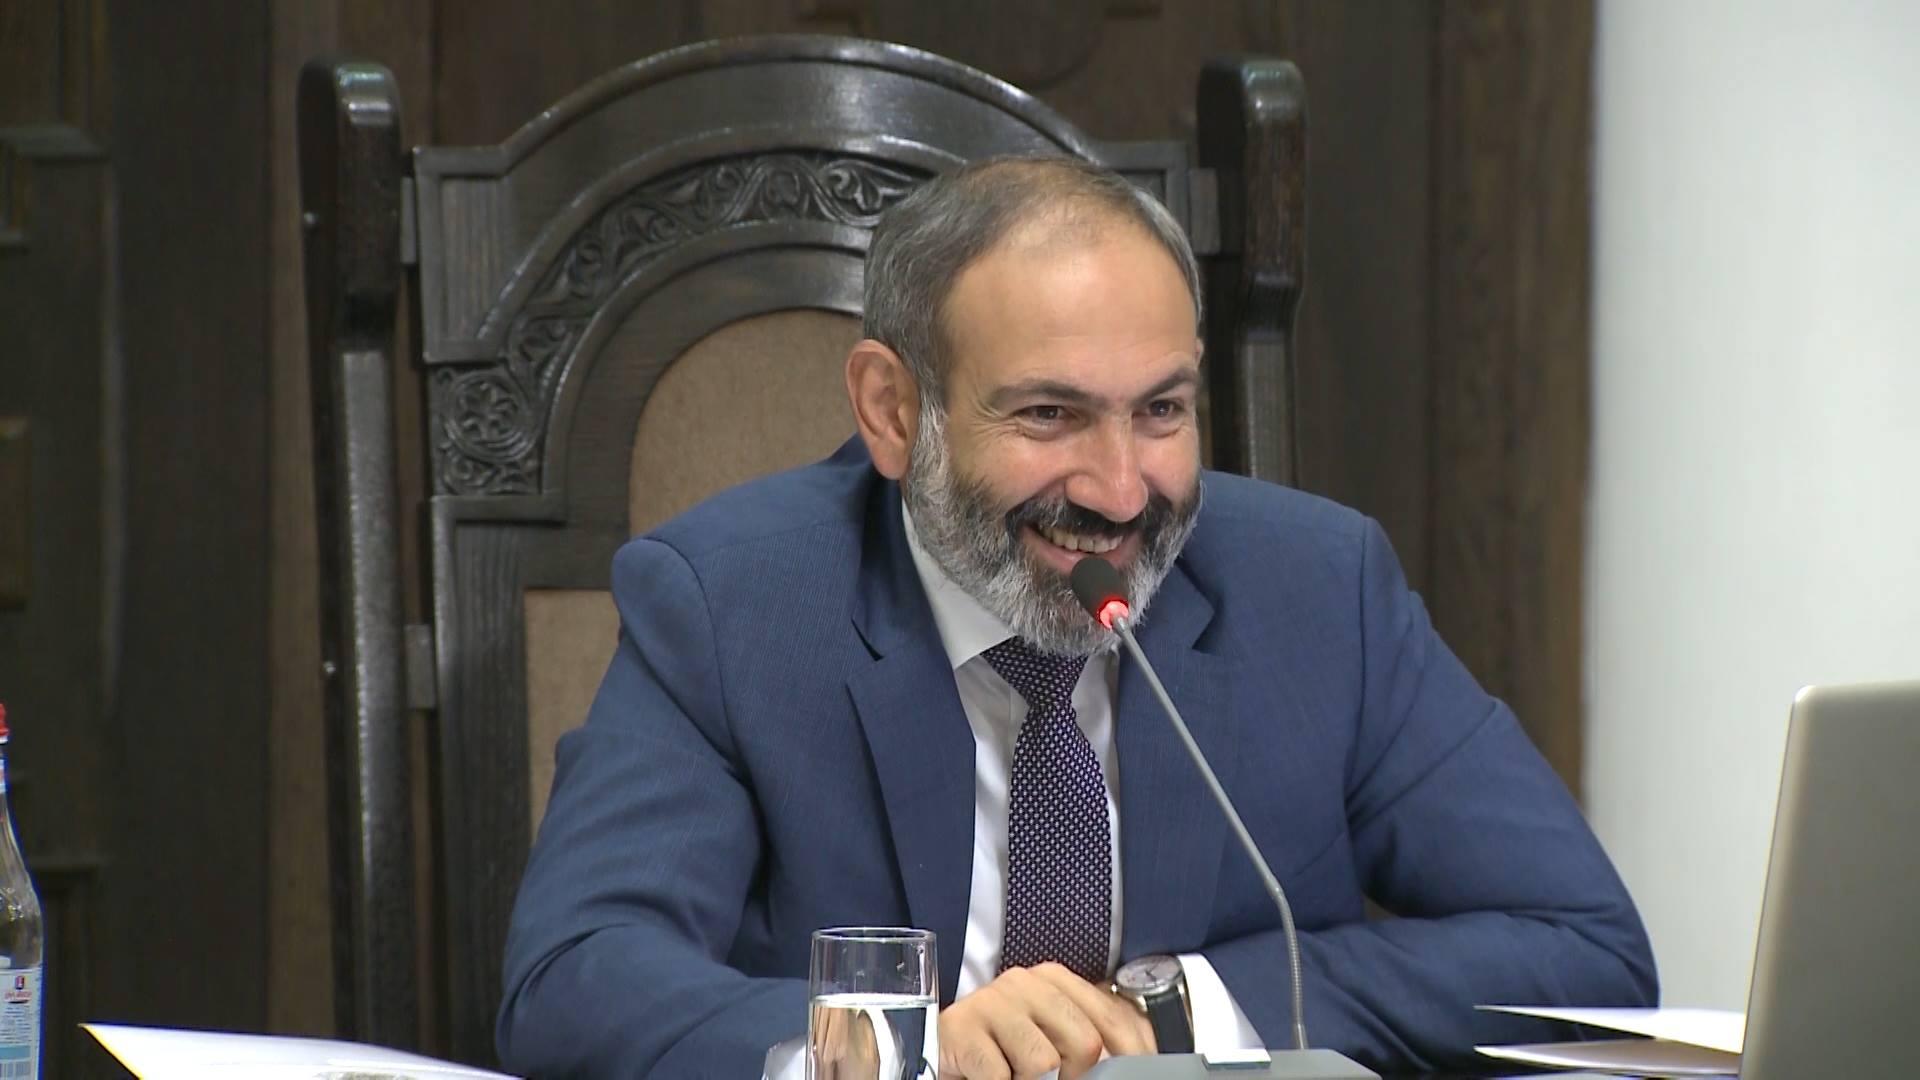 Վարչապետը հեռախոսազրույց է ունեցել Կոթիում վիրավորված Սուրեն Սեփխանյանի հետ